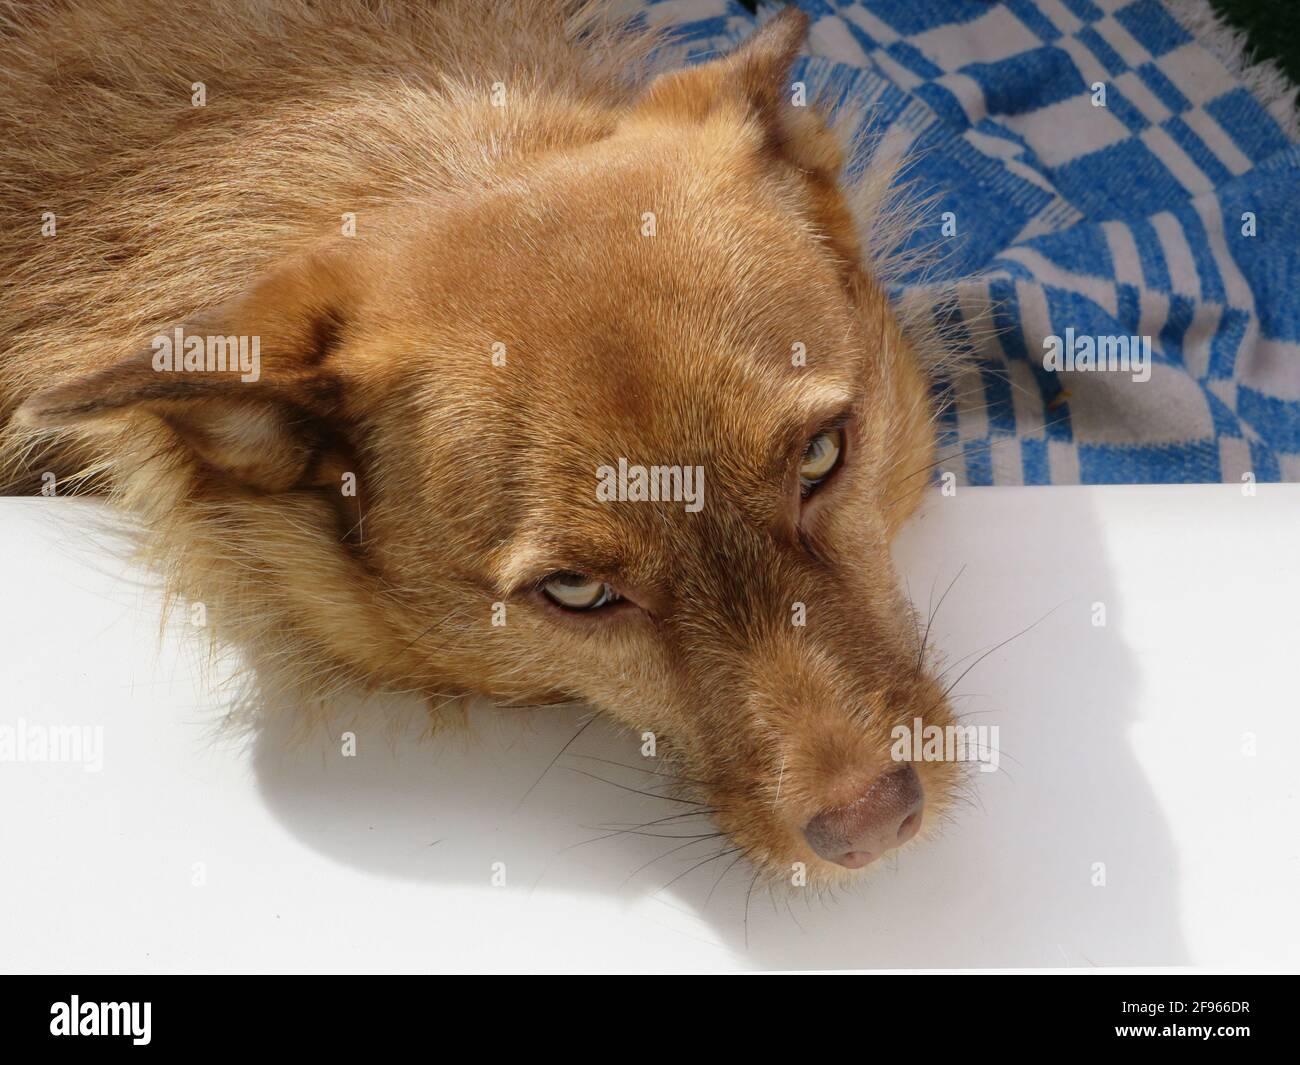 Un perro adoptado de Abjasia está tomando el sol en el balcón del apartamento, San Petersburgo, Rusia Foto de stock